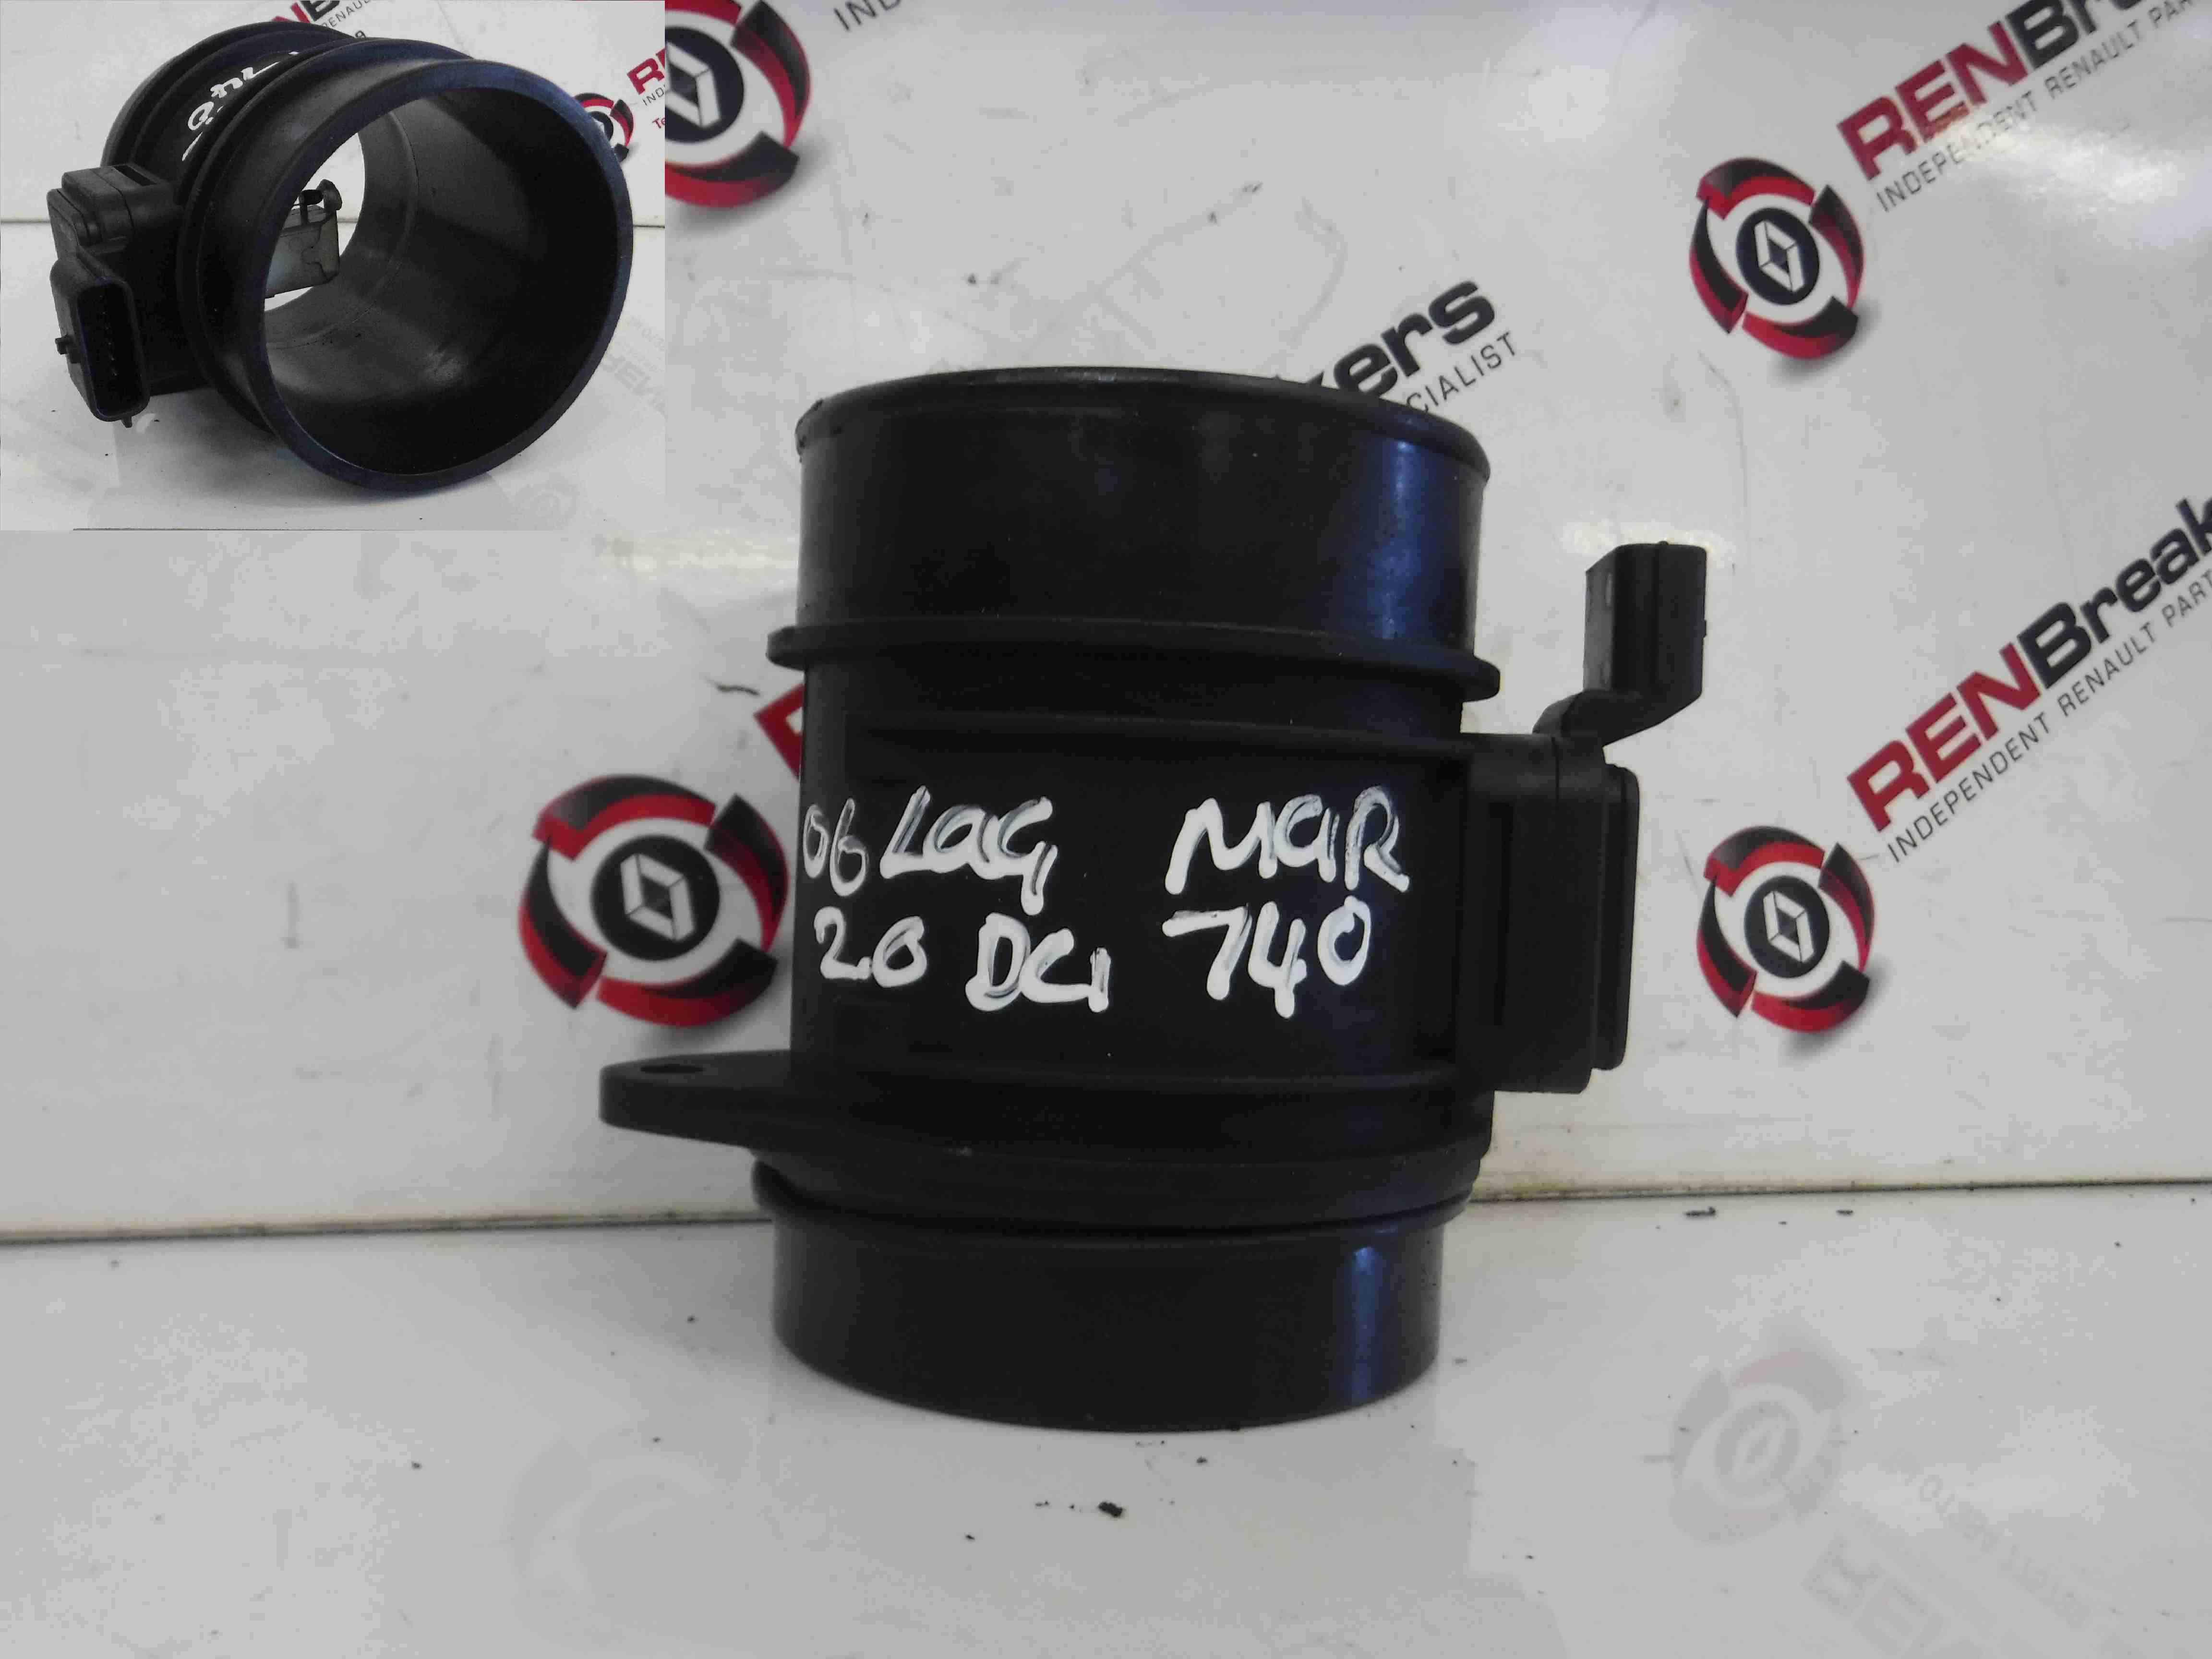 Renault Laguna + Scenic 2005-2012 2.0 dCi Mass Air Flow Meter Sensor 8200280065